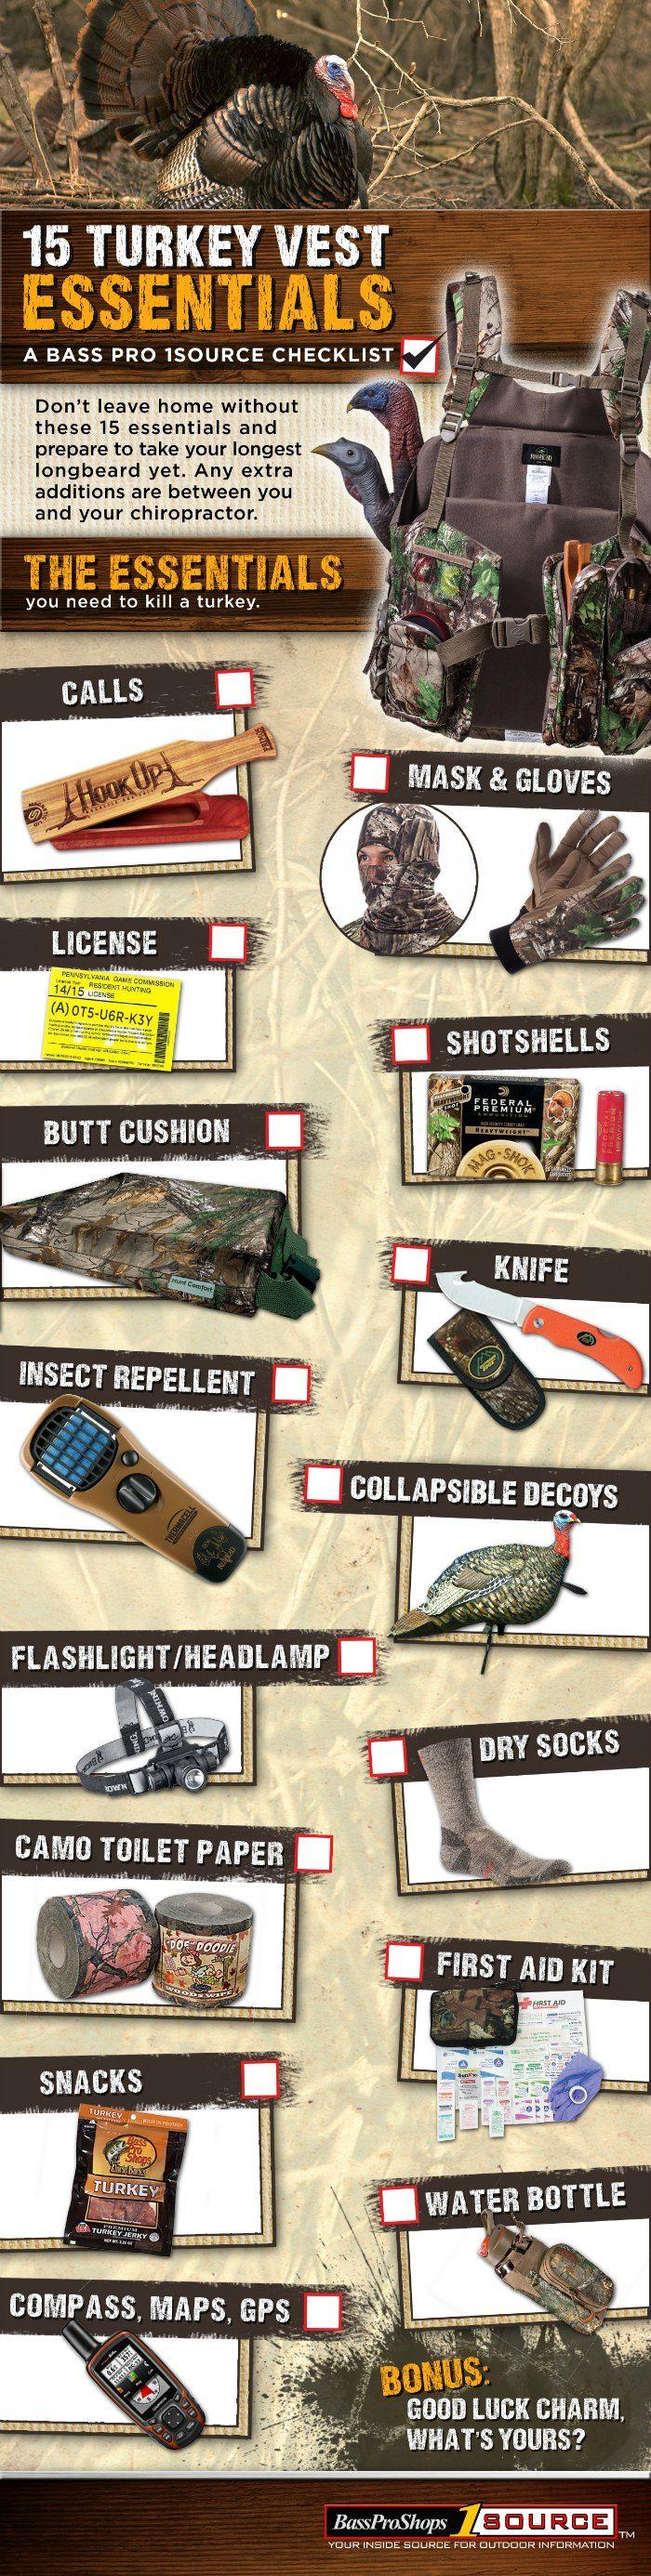 15 Turkey Vest Essentials (Checklist) // #BassProShops #1Source #Infographic #turkeyhunting